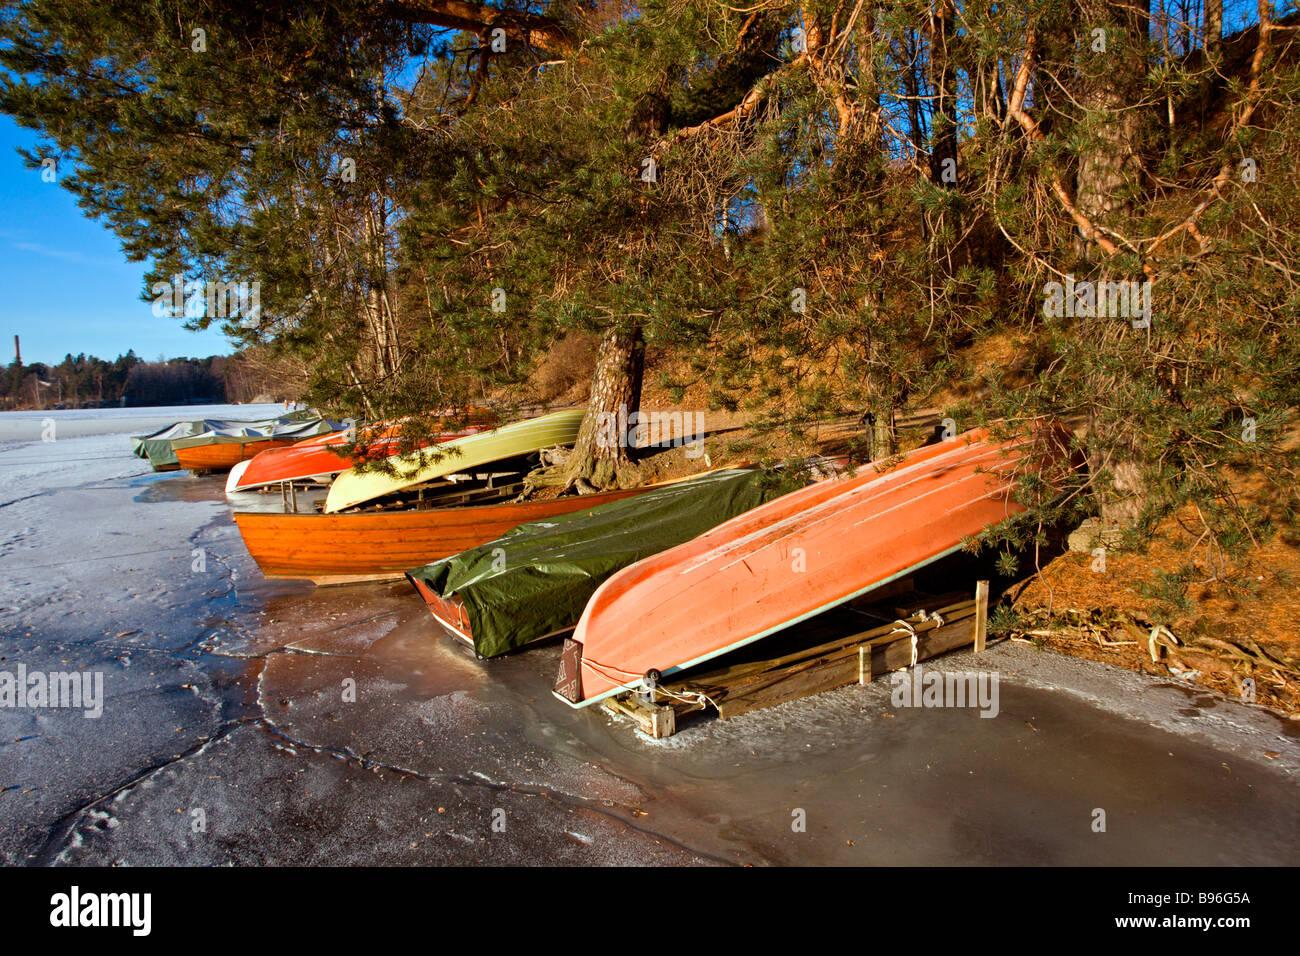 Tampere: Pyhäjärvi: Sunny Winter Day with Boats - Stock Image